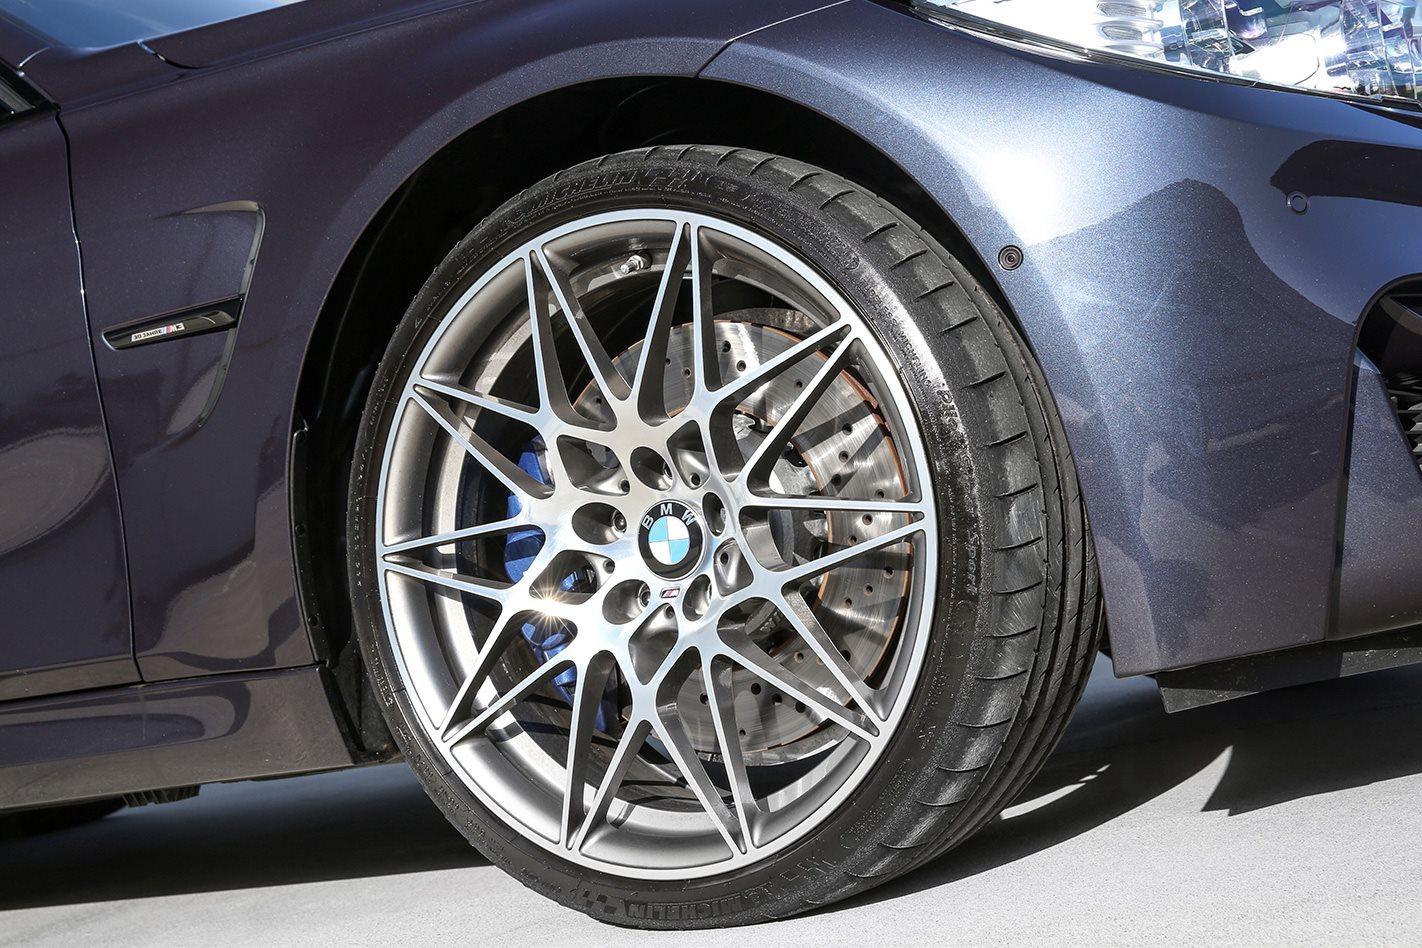 BMW M3 F80 30 Jahre wheel